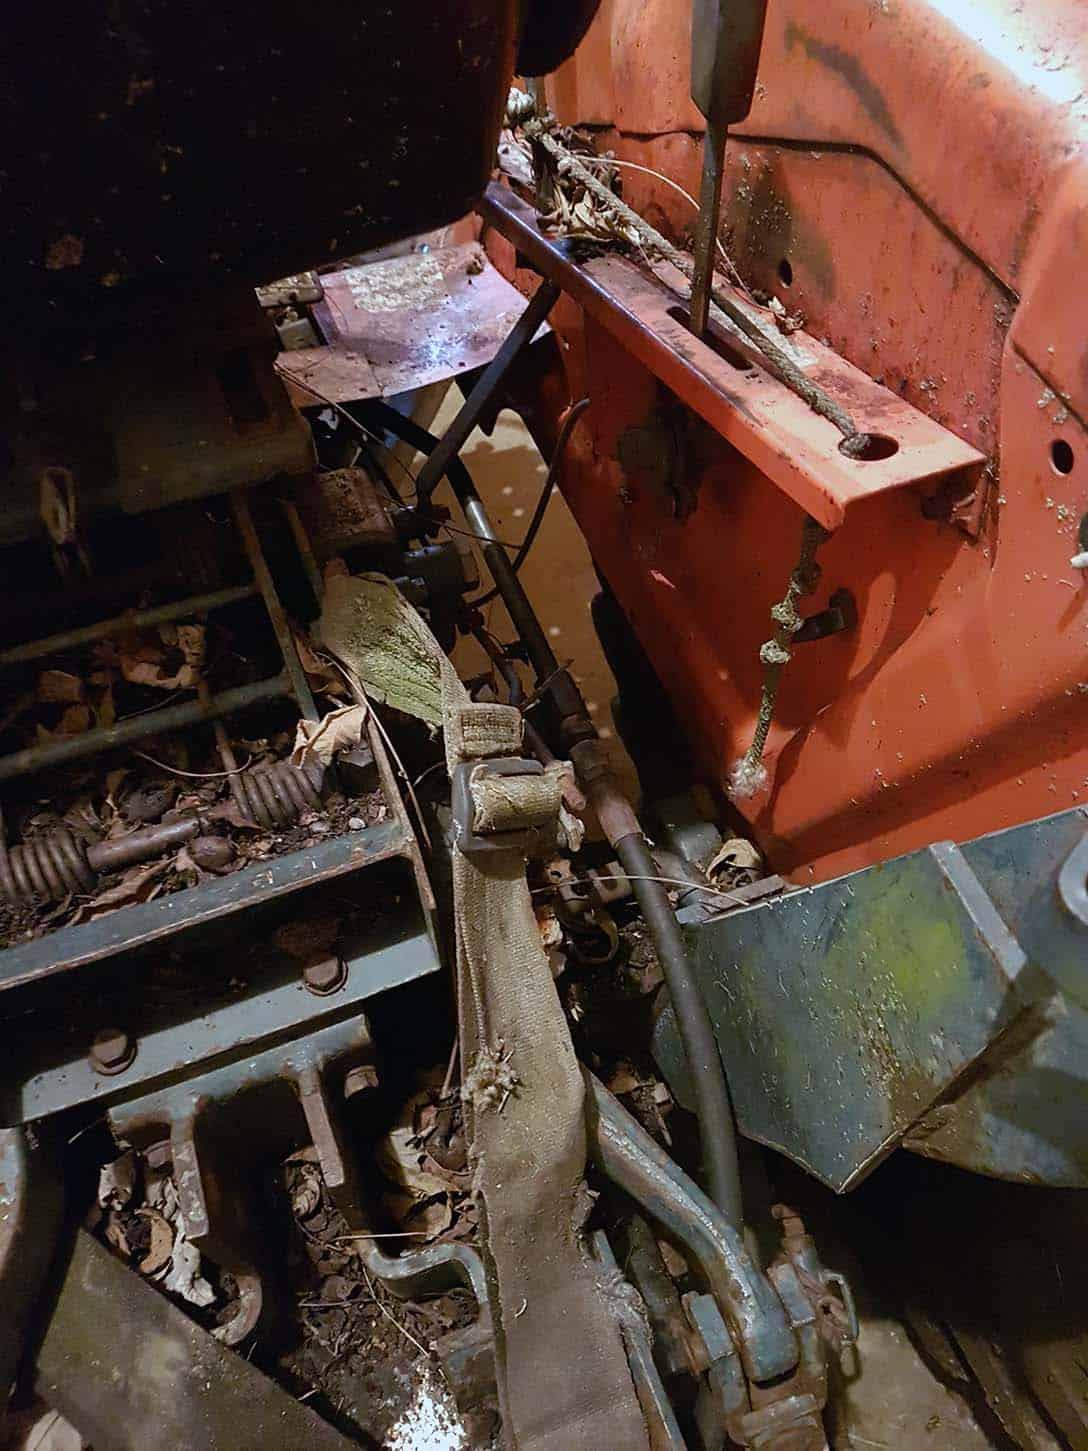 Kubota B20 weathered 3 point hitch